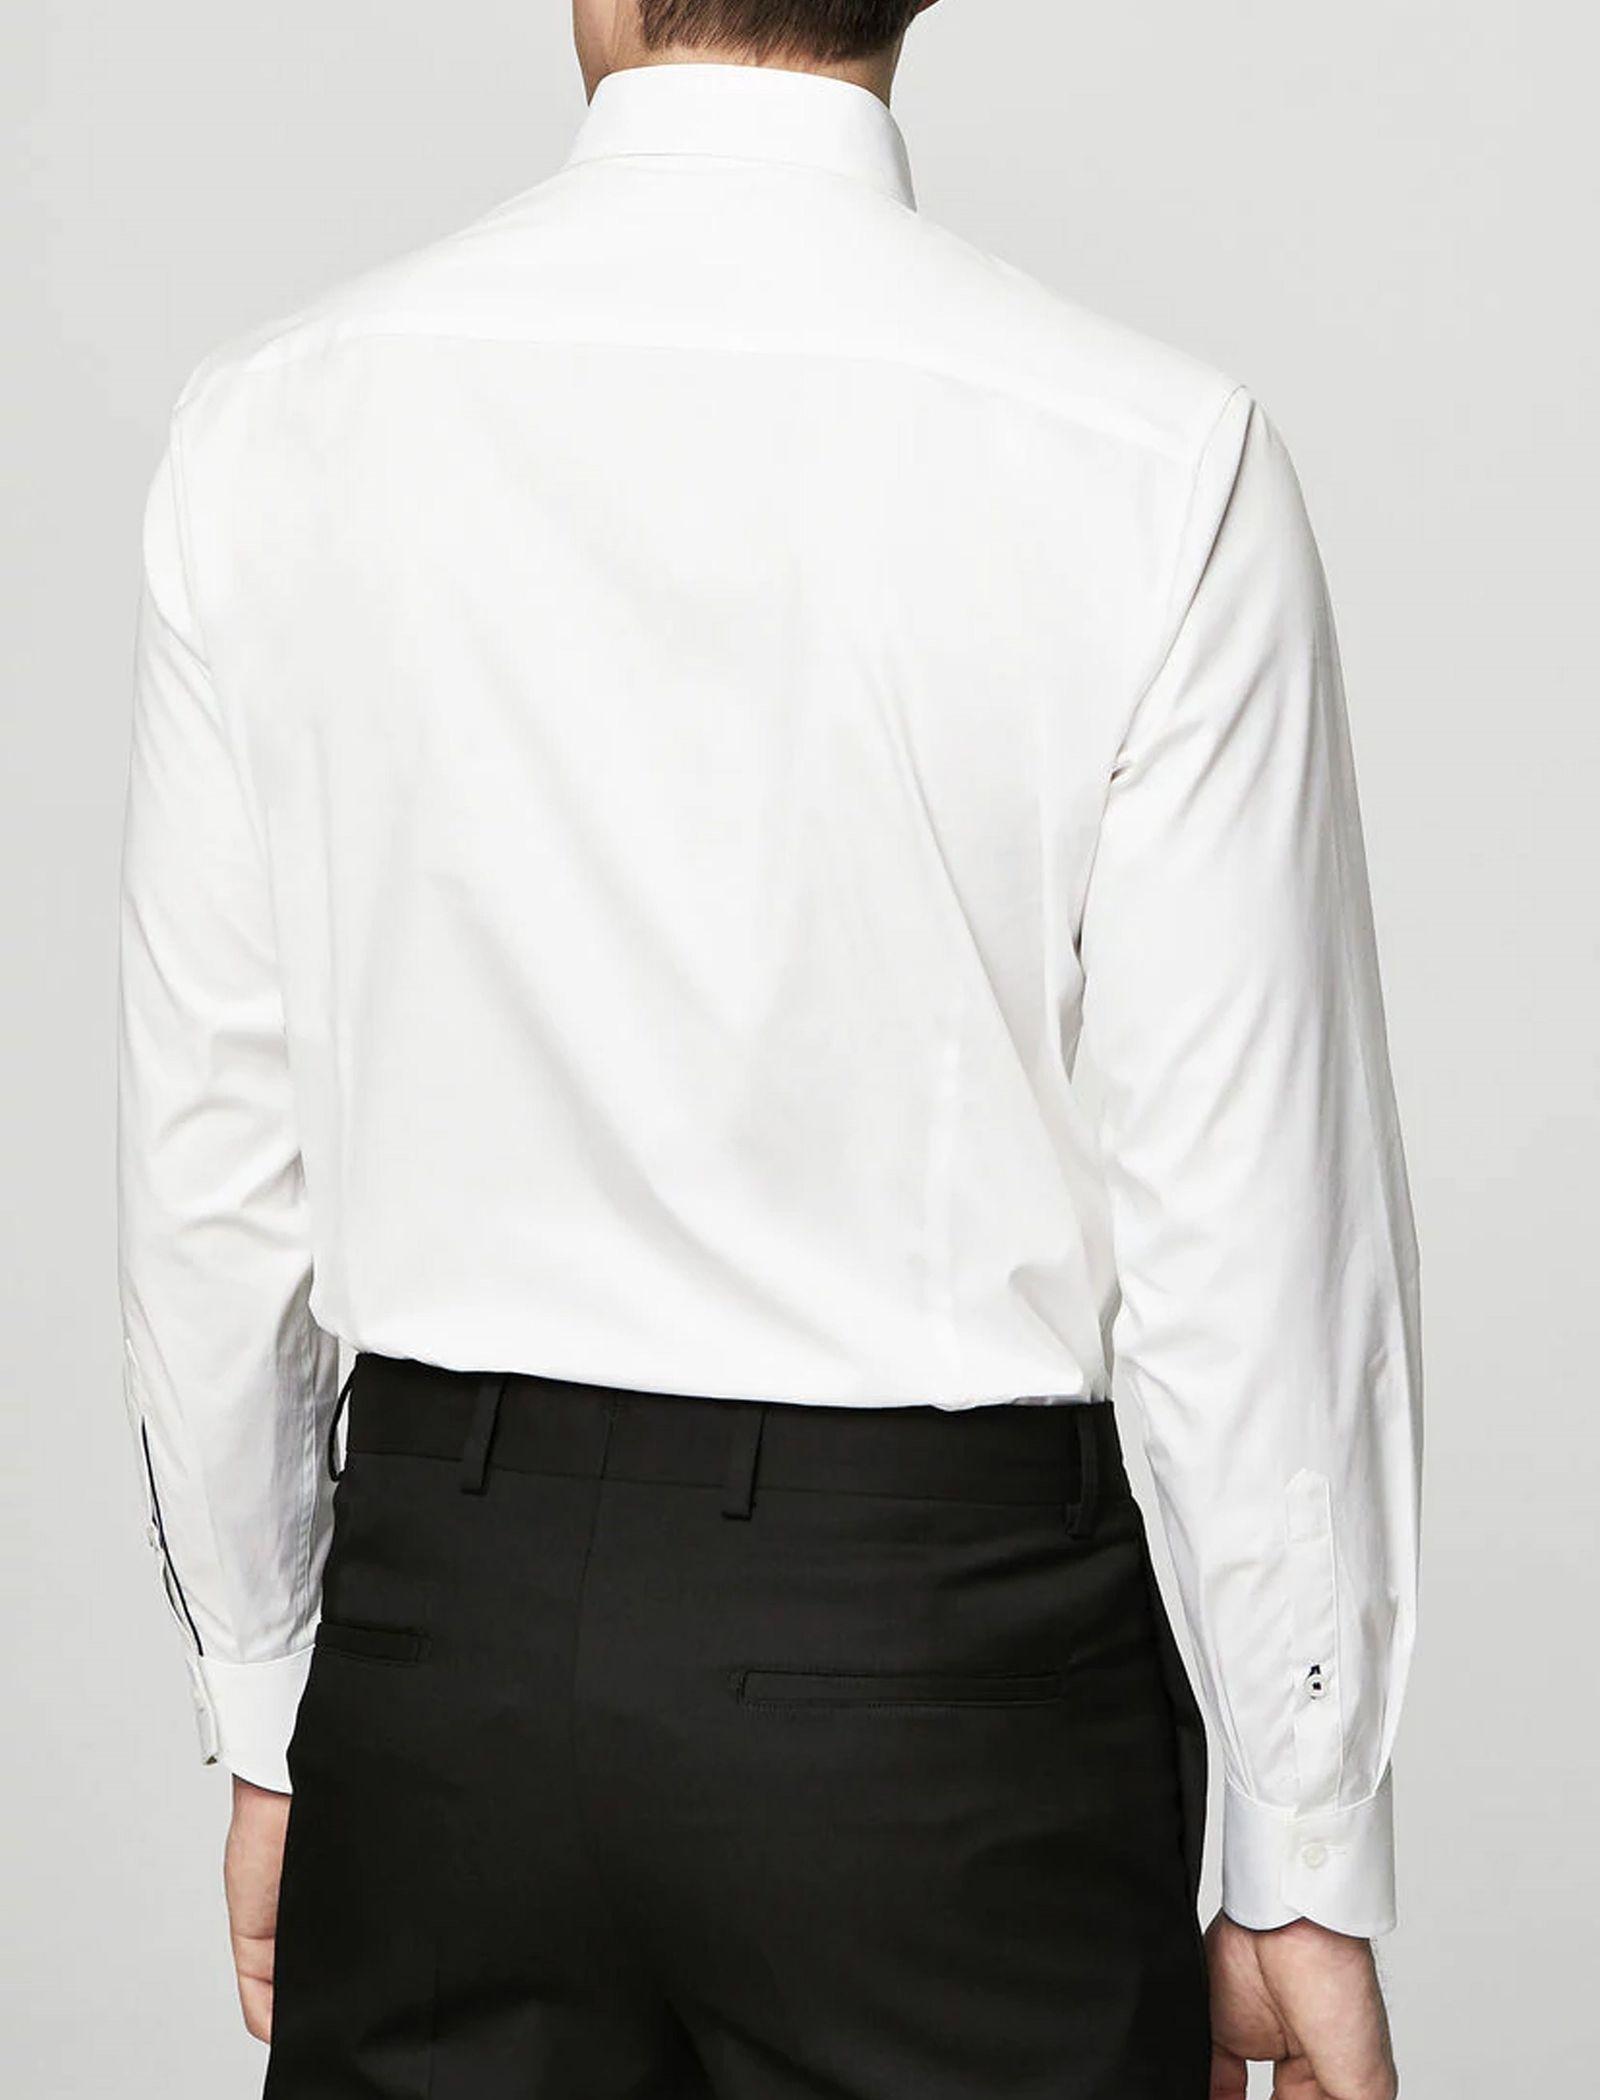 پیراهن نخی آستین بلند مردانه - مانگو - سفيد - 7